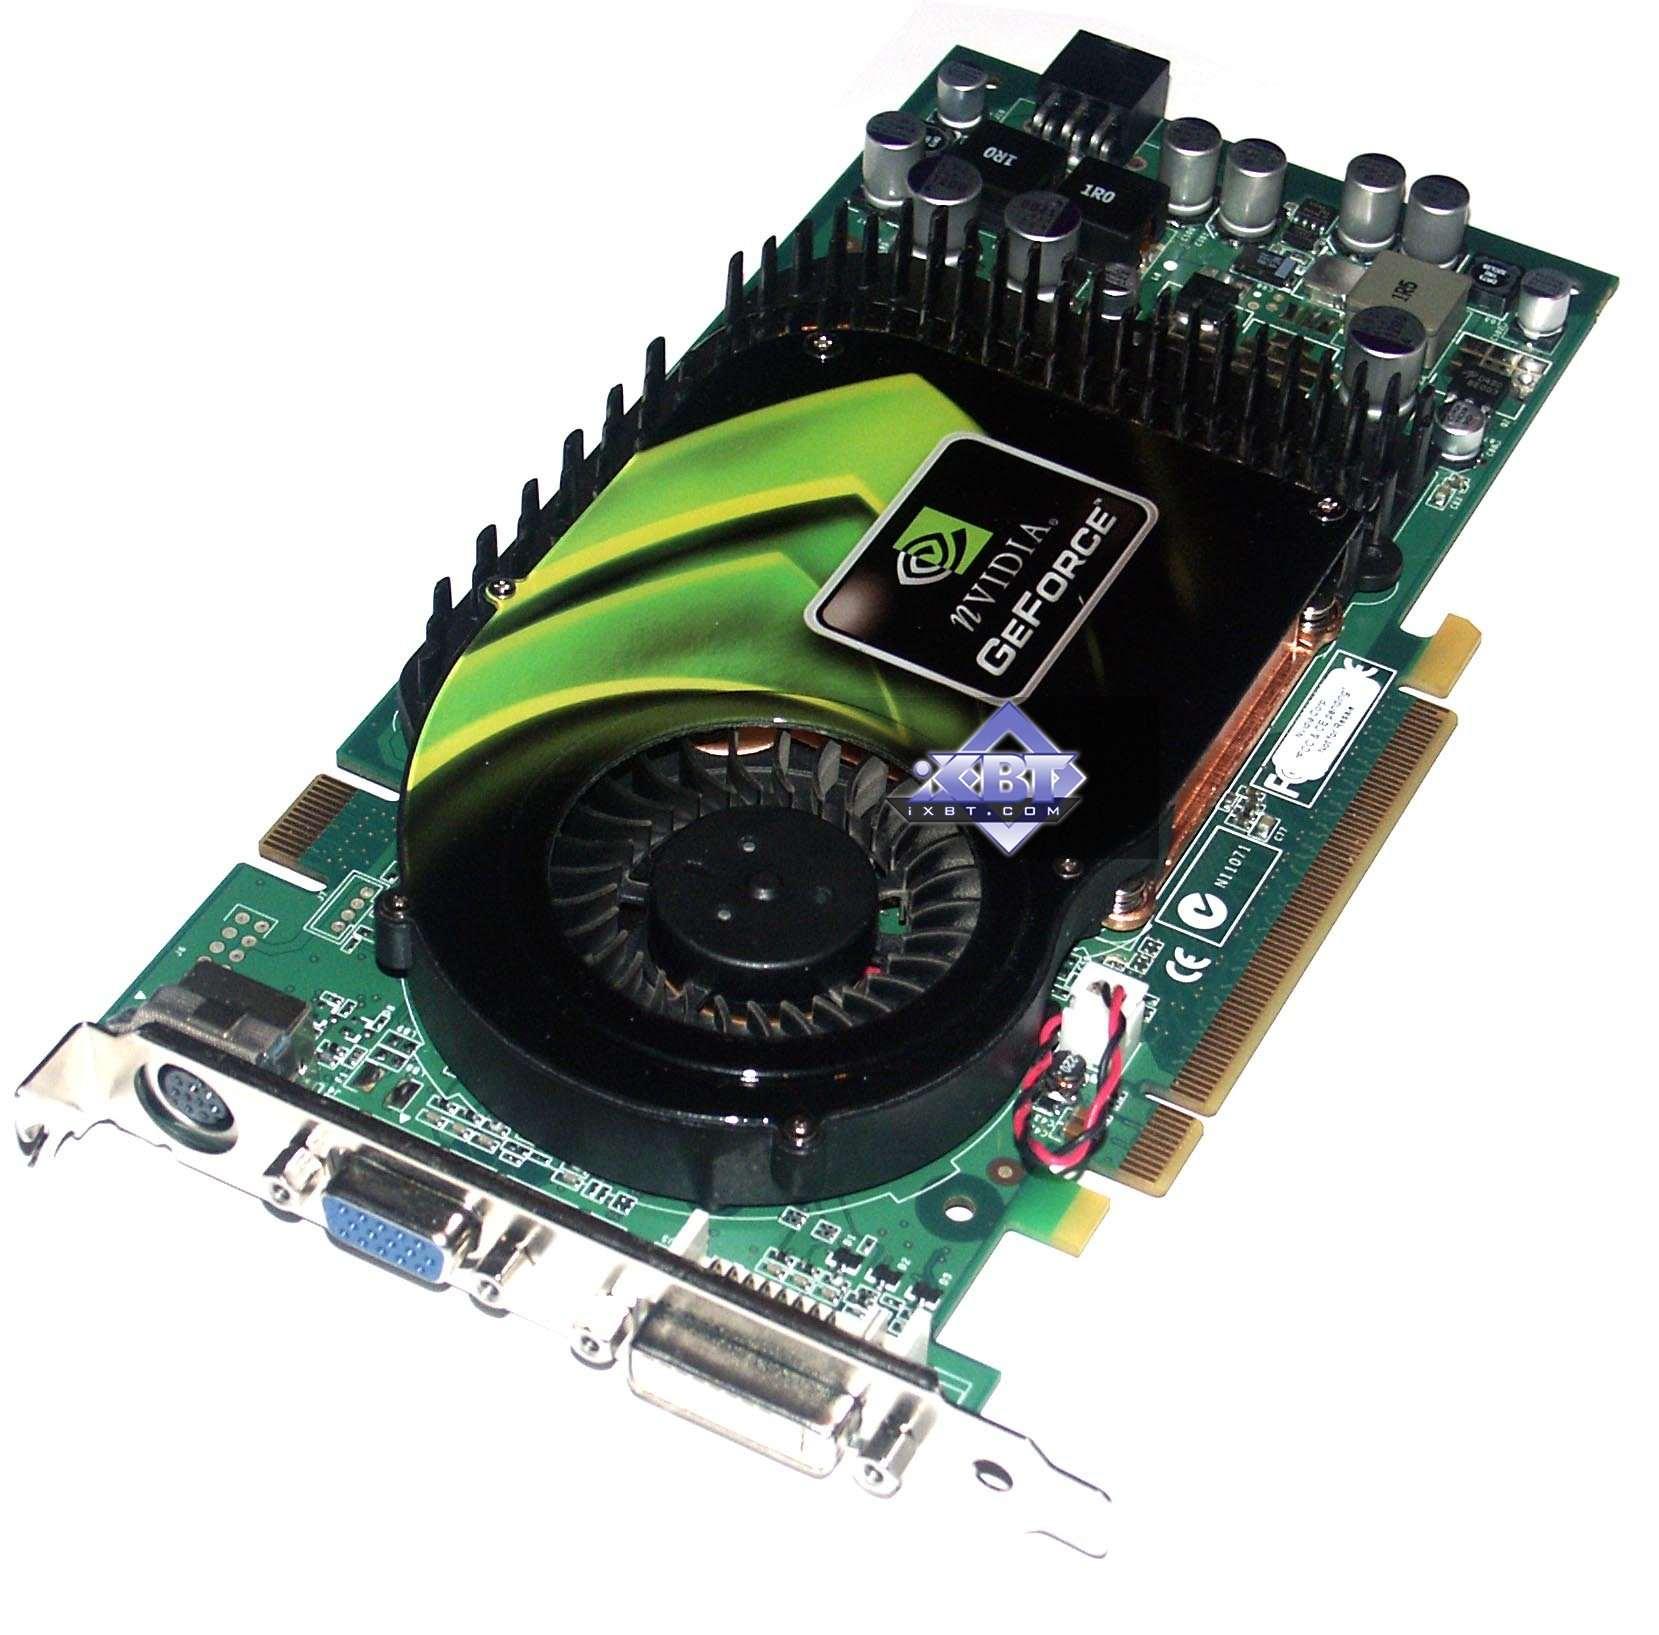 Скачать драйвера для видеокарты nvidia 6800